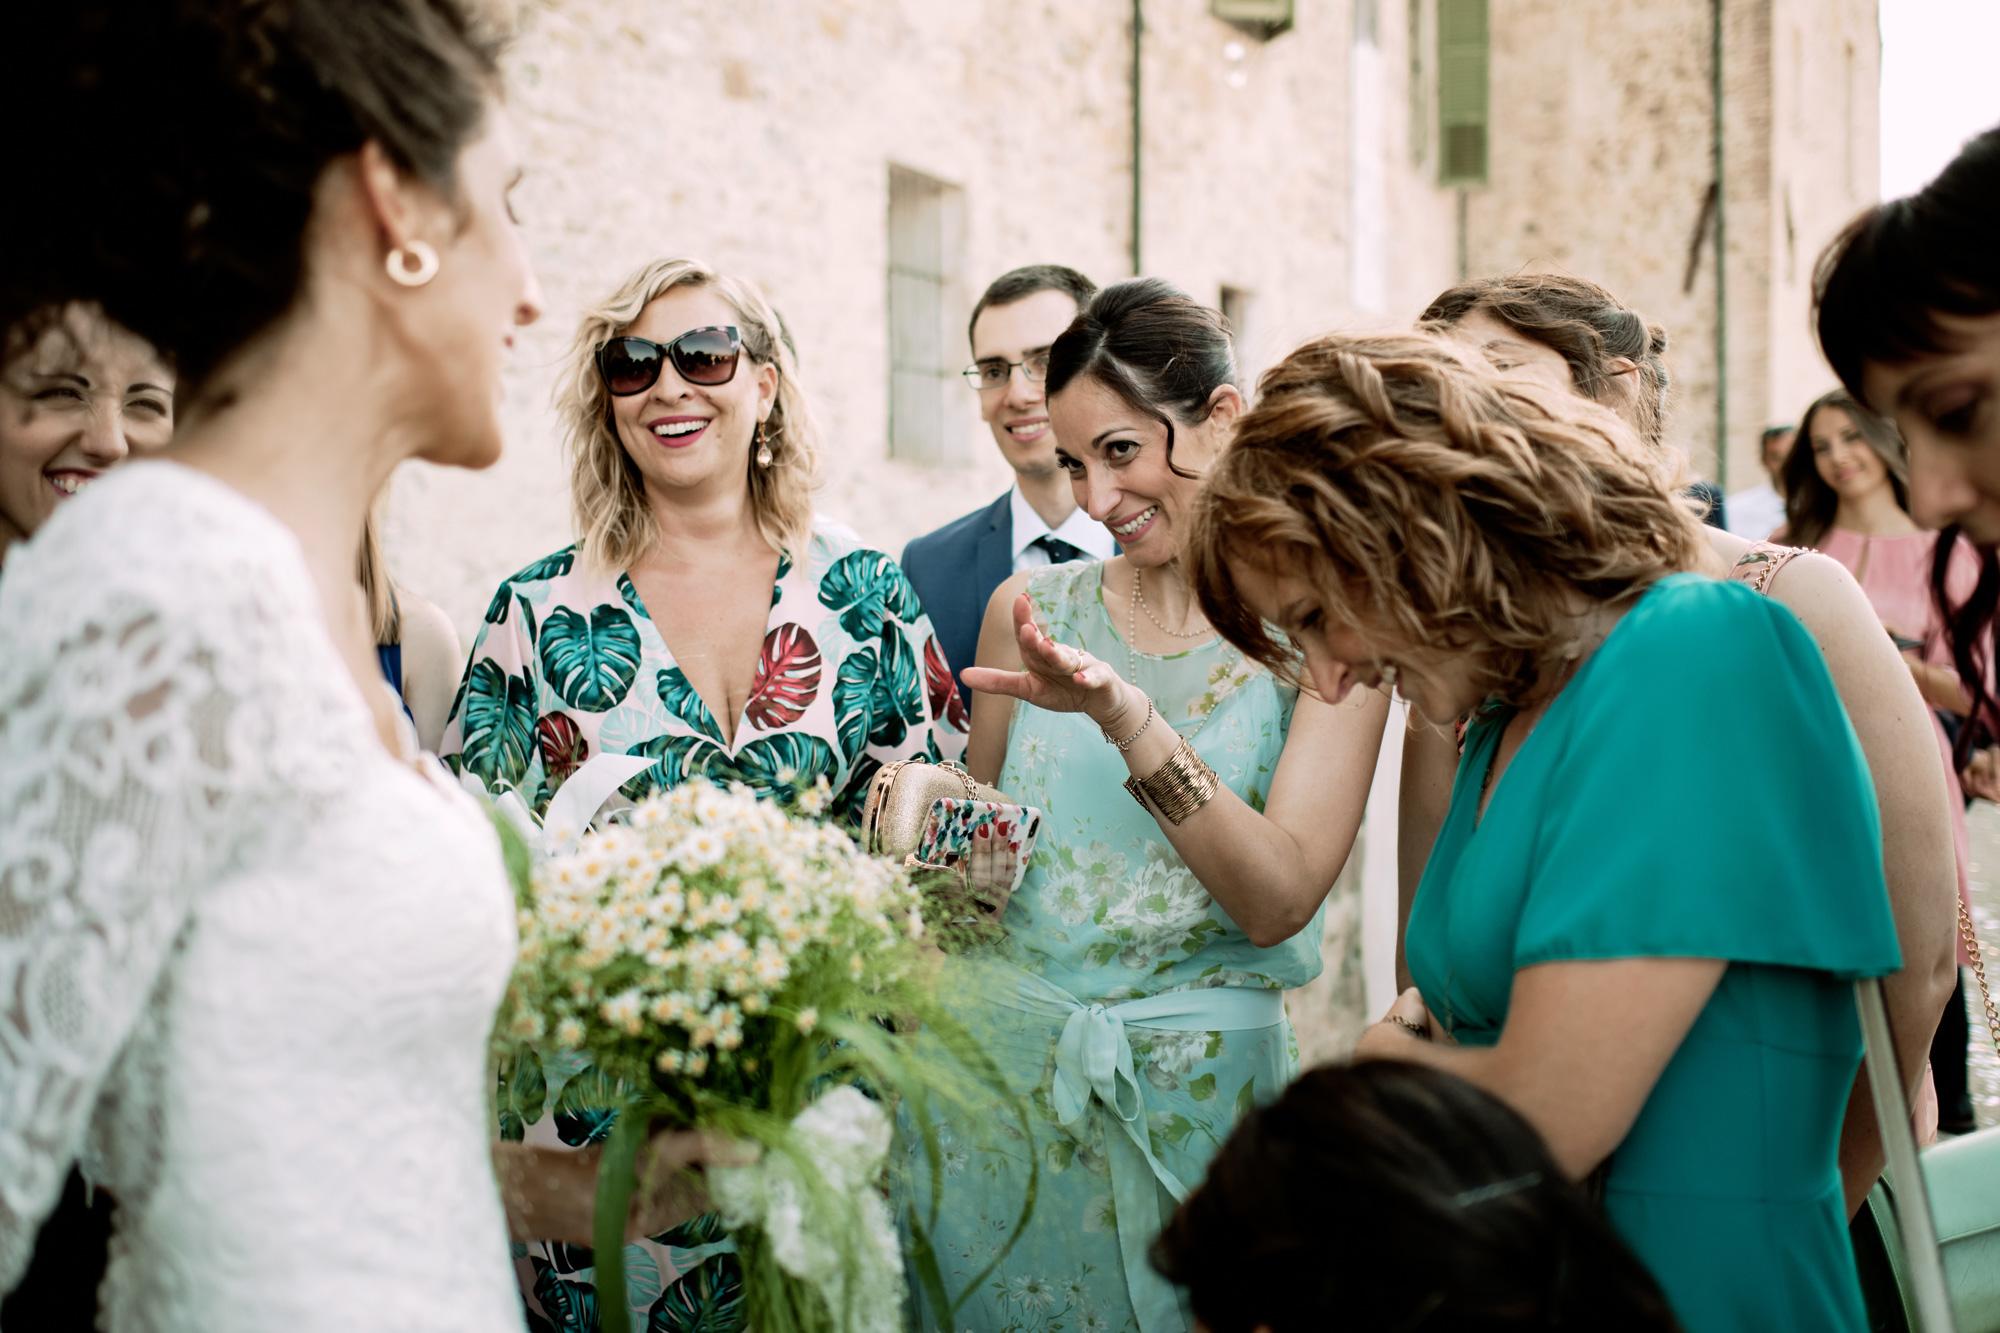 32A-ivano_di_maria_fotografo_matrimonio_ margh_loren